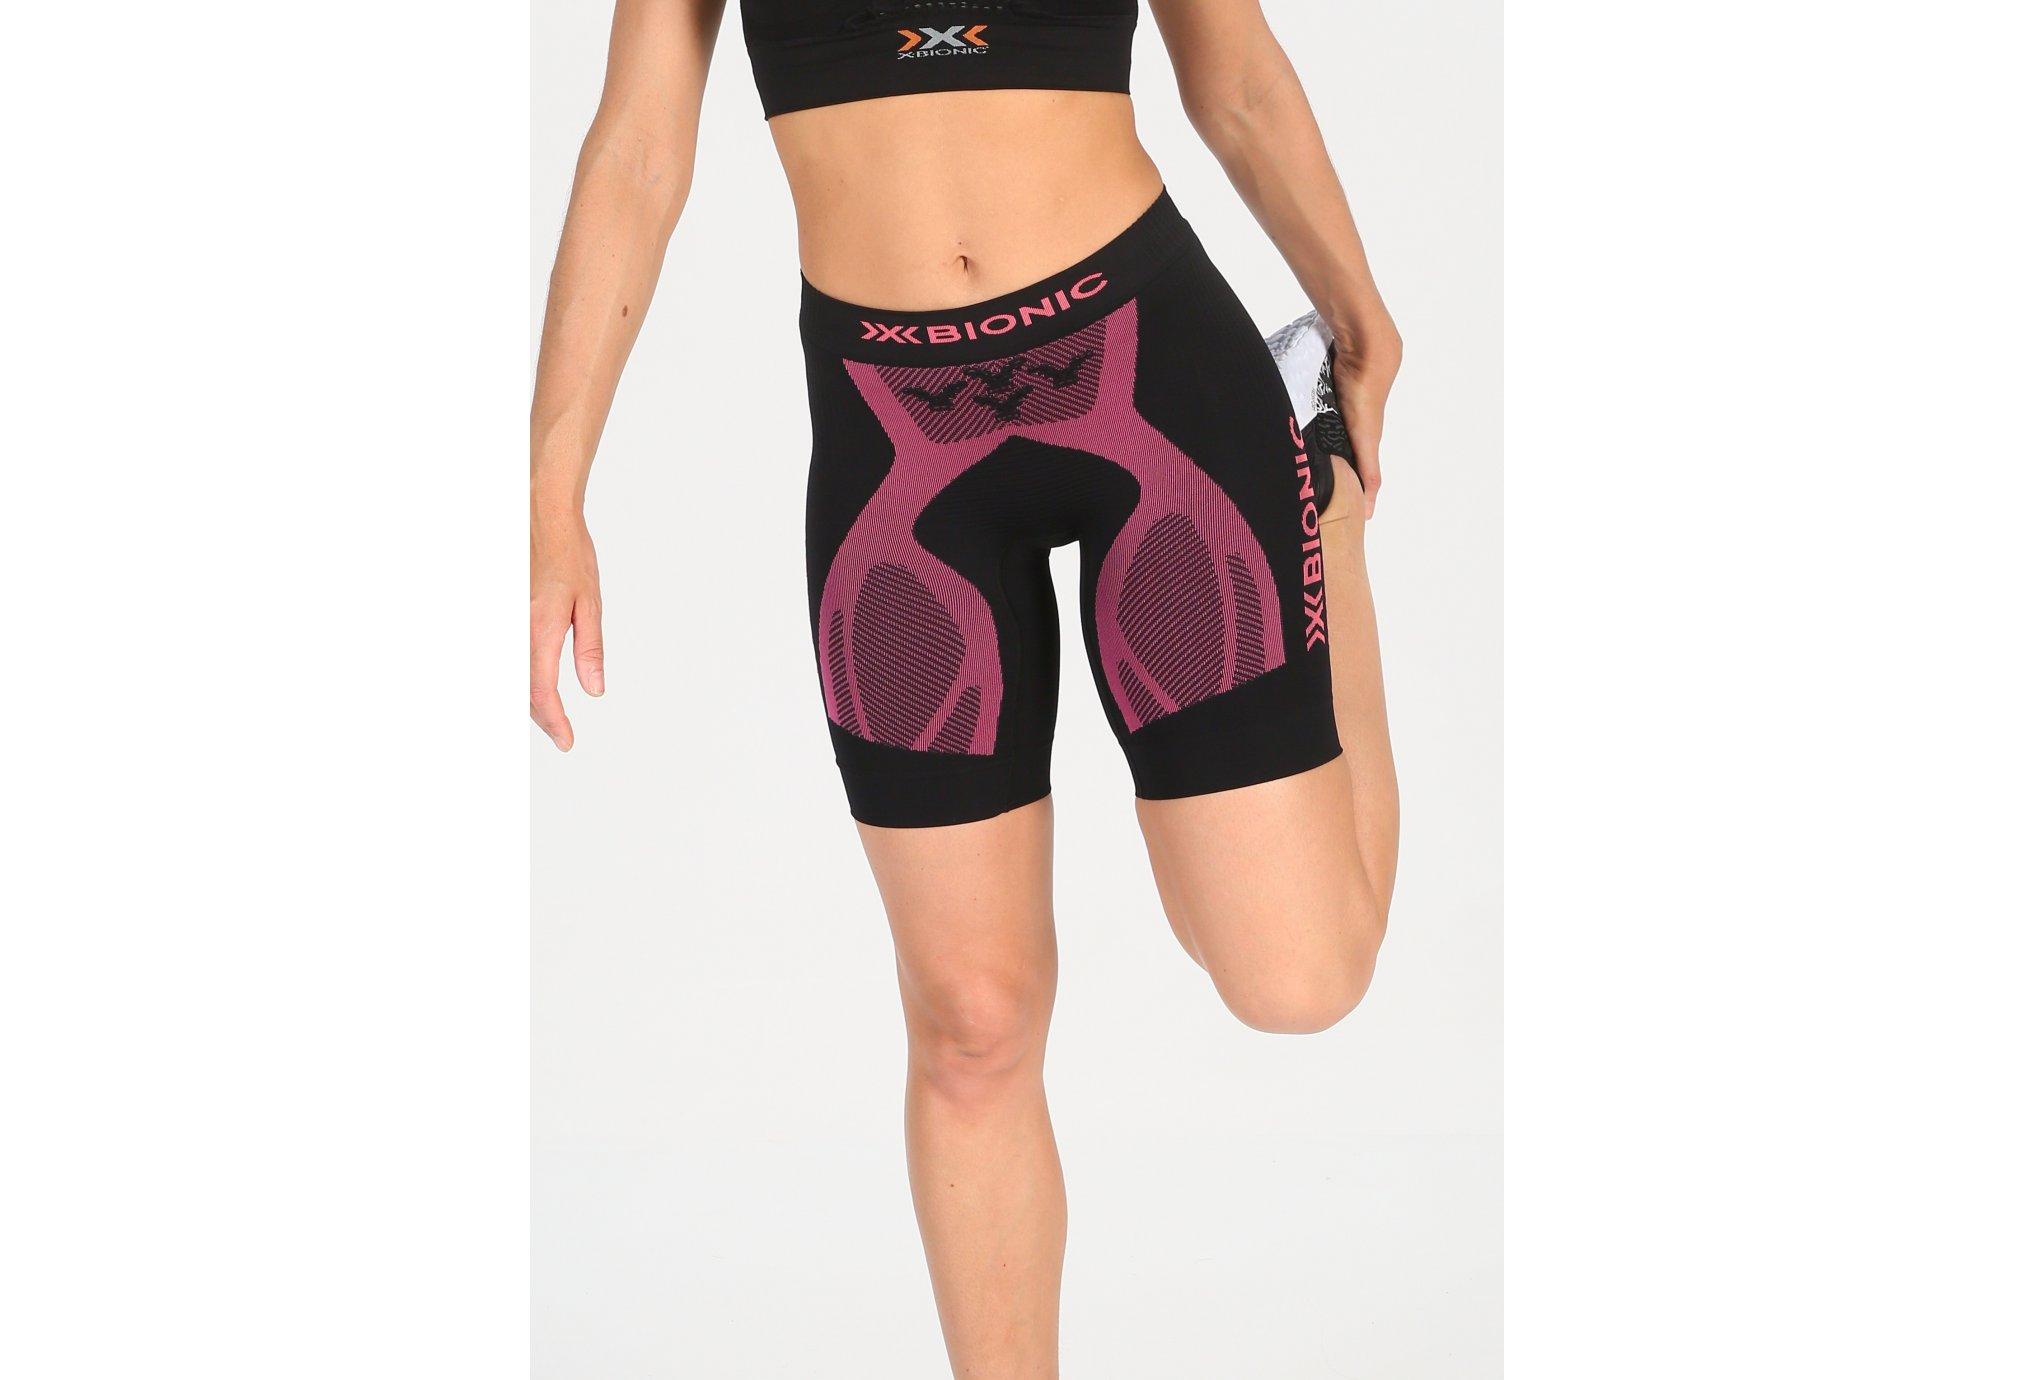 X-Bionic The Trick 4.0 W Diététique Vêtements femme